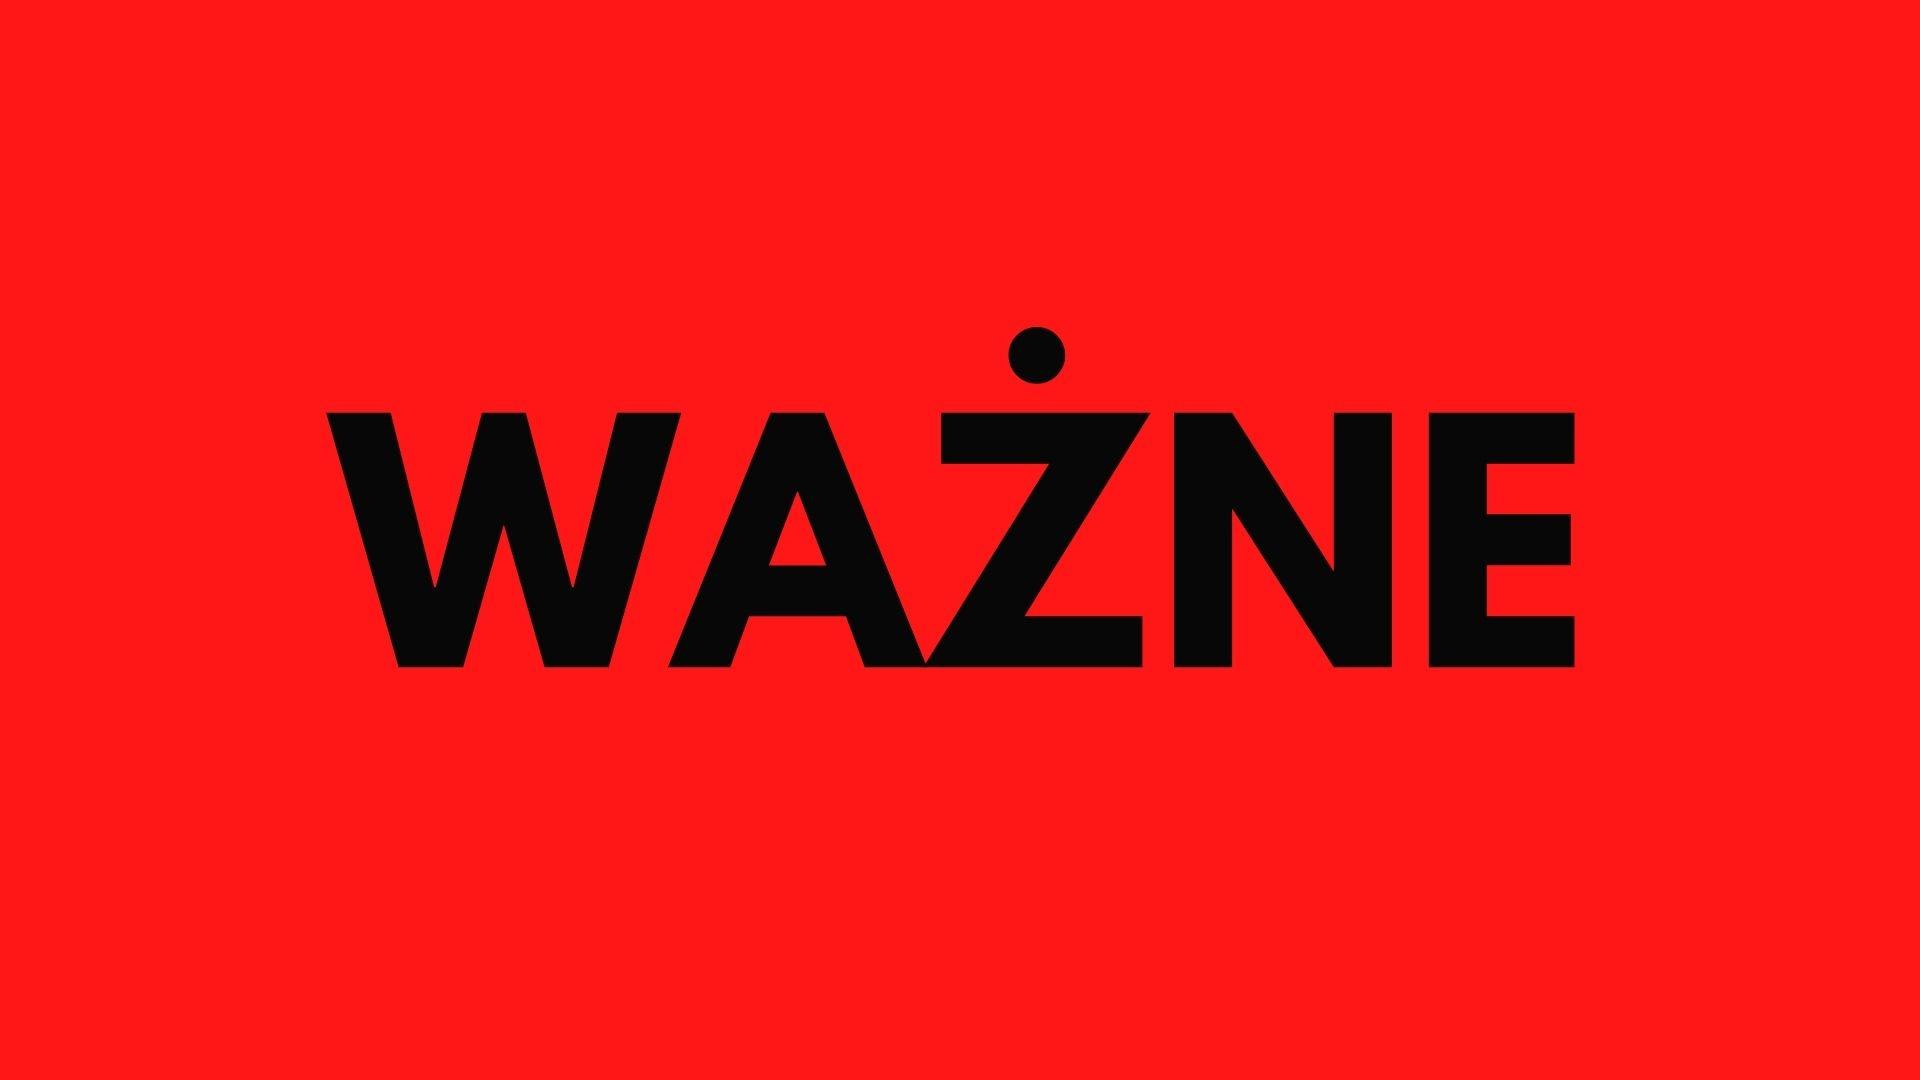 WAŻNE. Potwierdzono pierwszy przypadek koronawirusa w Polsce  - Zdjęcie główne